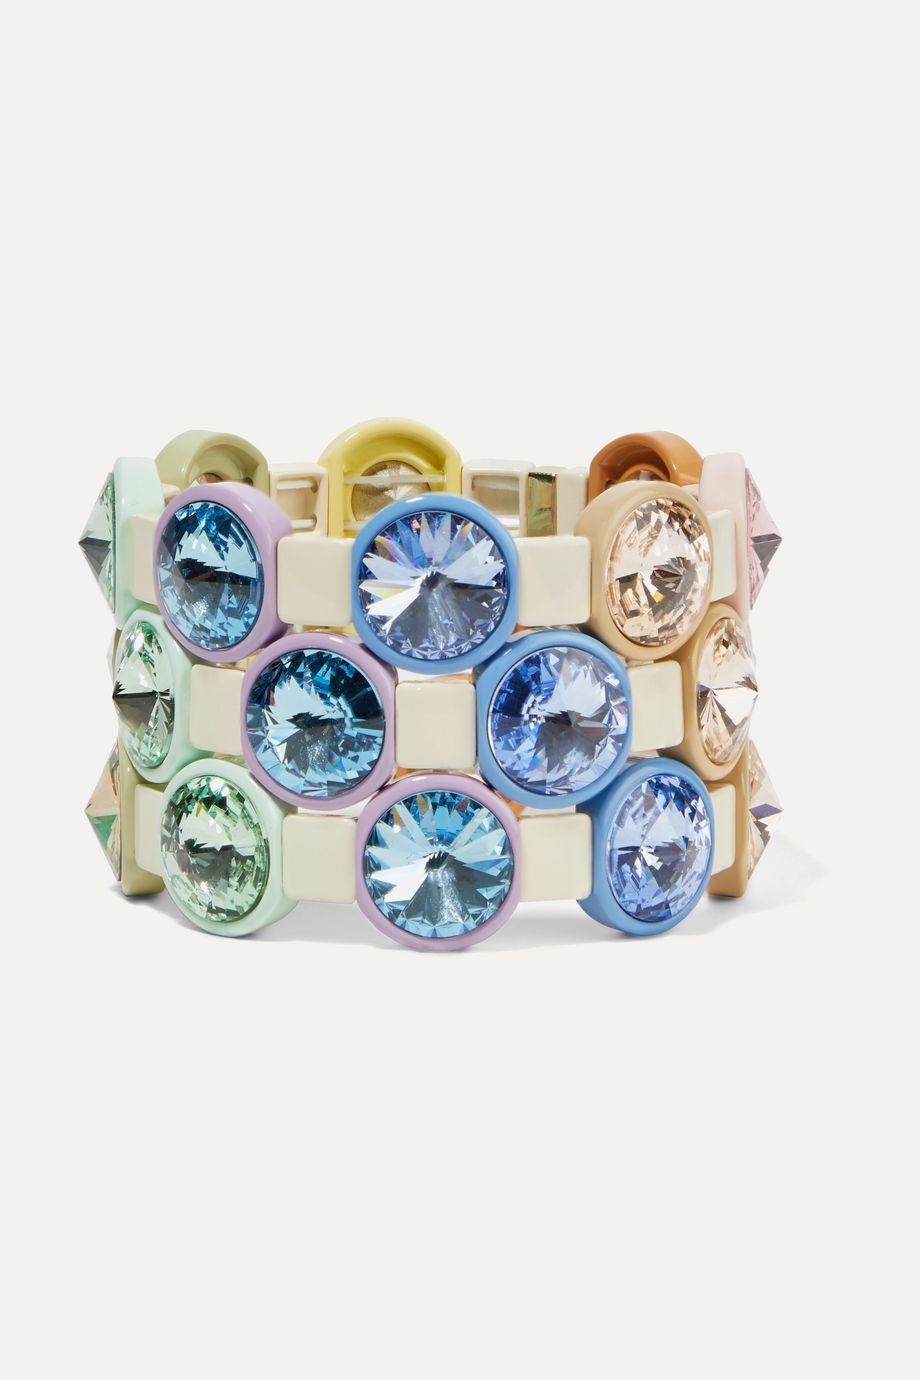 록산느 애슐린 팔찌 레인보우 라이트 Roxanne Assoulin Rainbow Lite set of three enamel and crystal bracelets,Blue